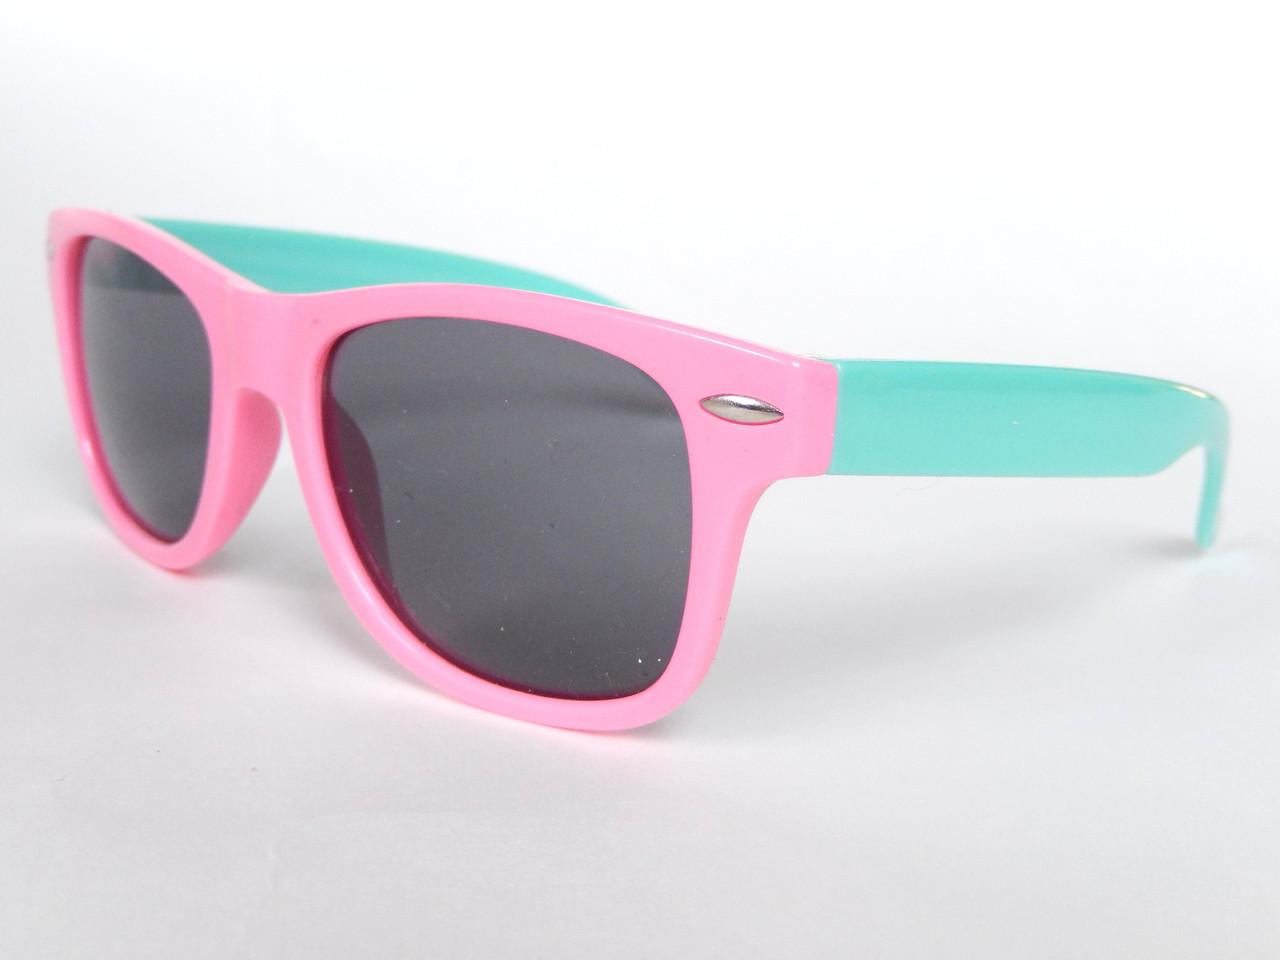 Очки детские в стиле Ray Ban pink/mint